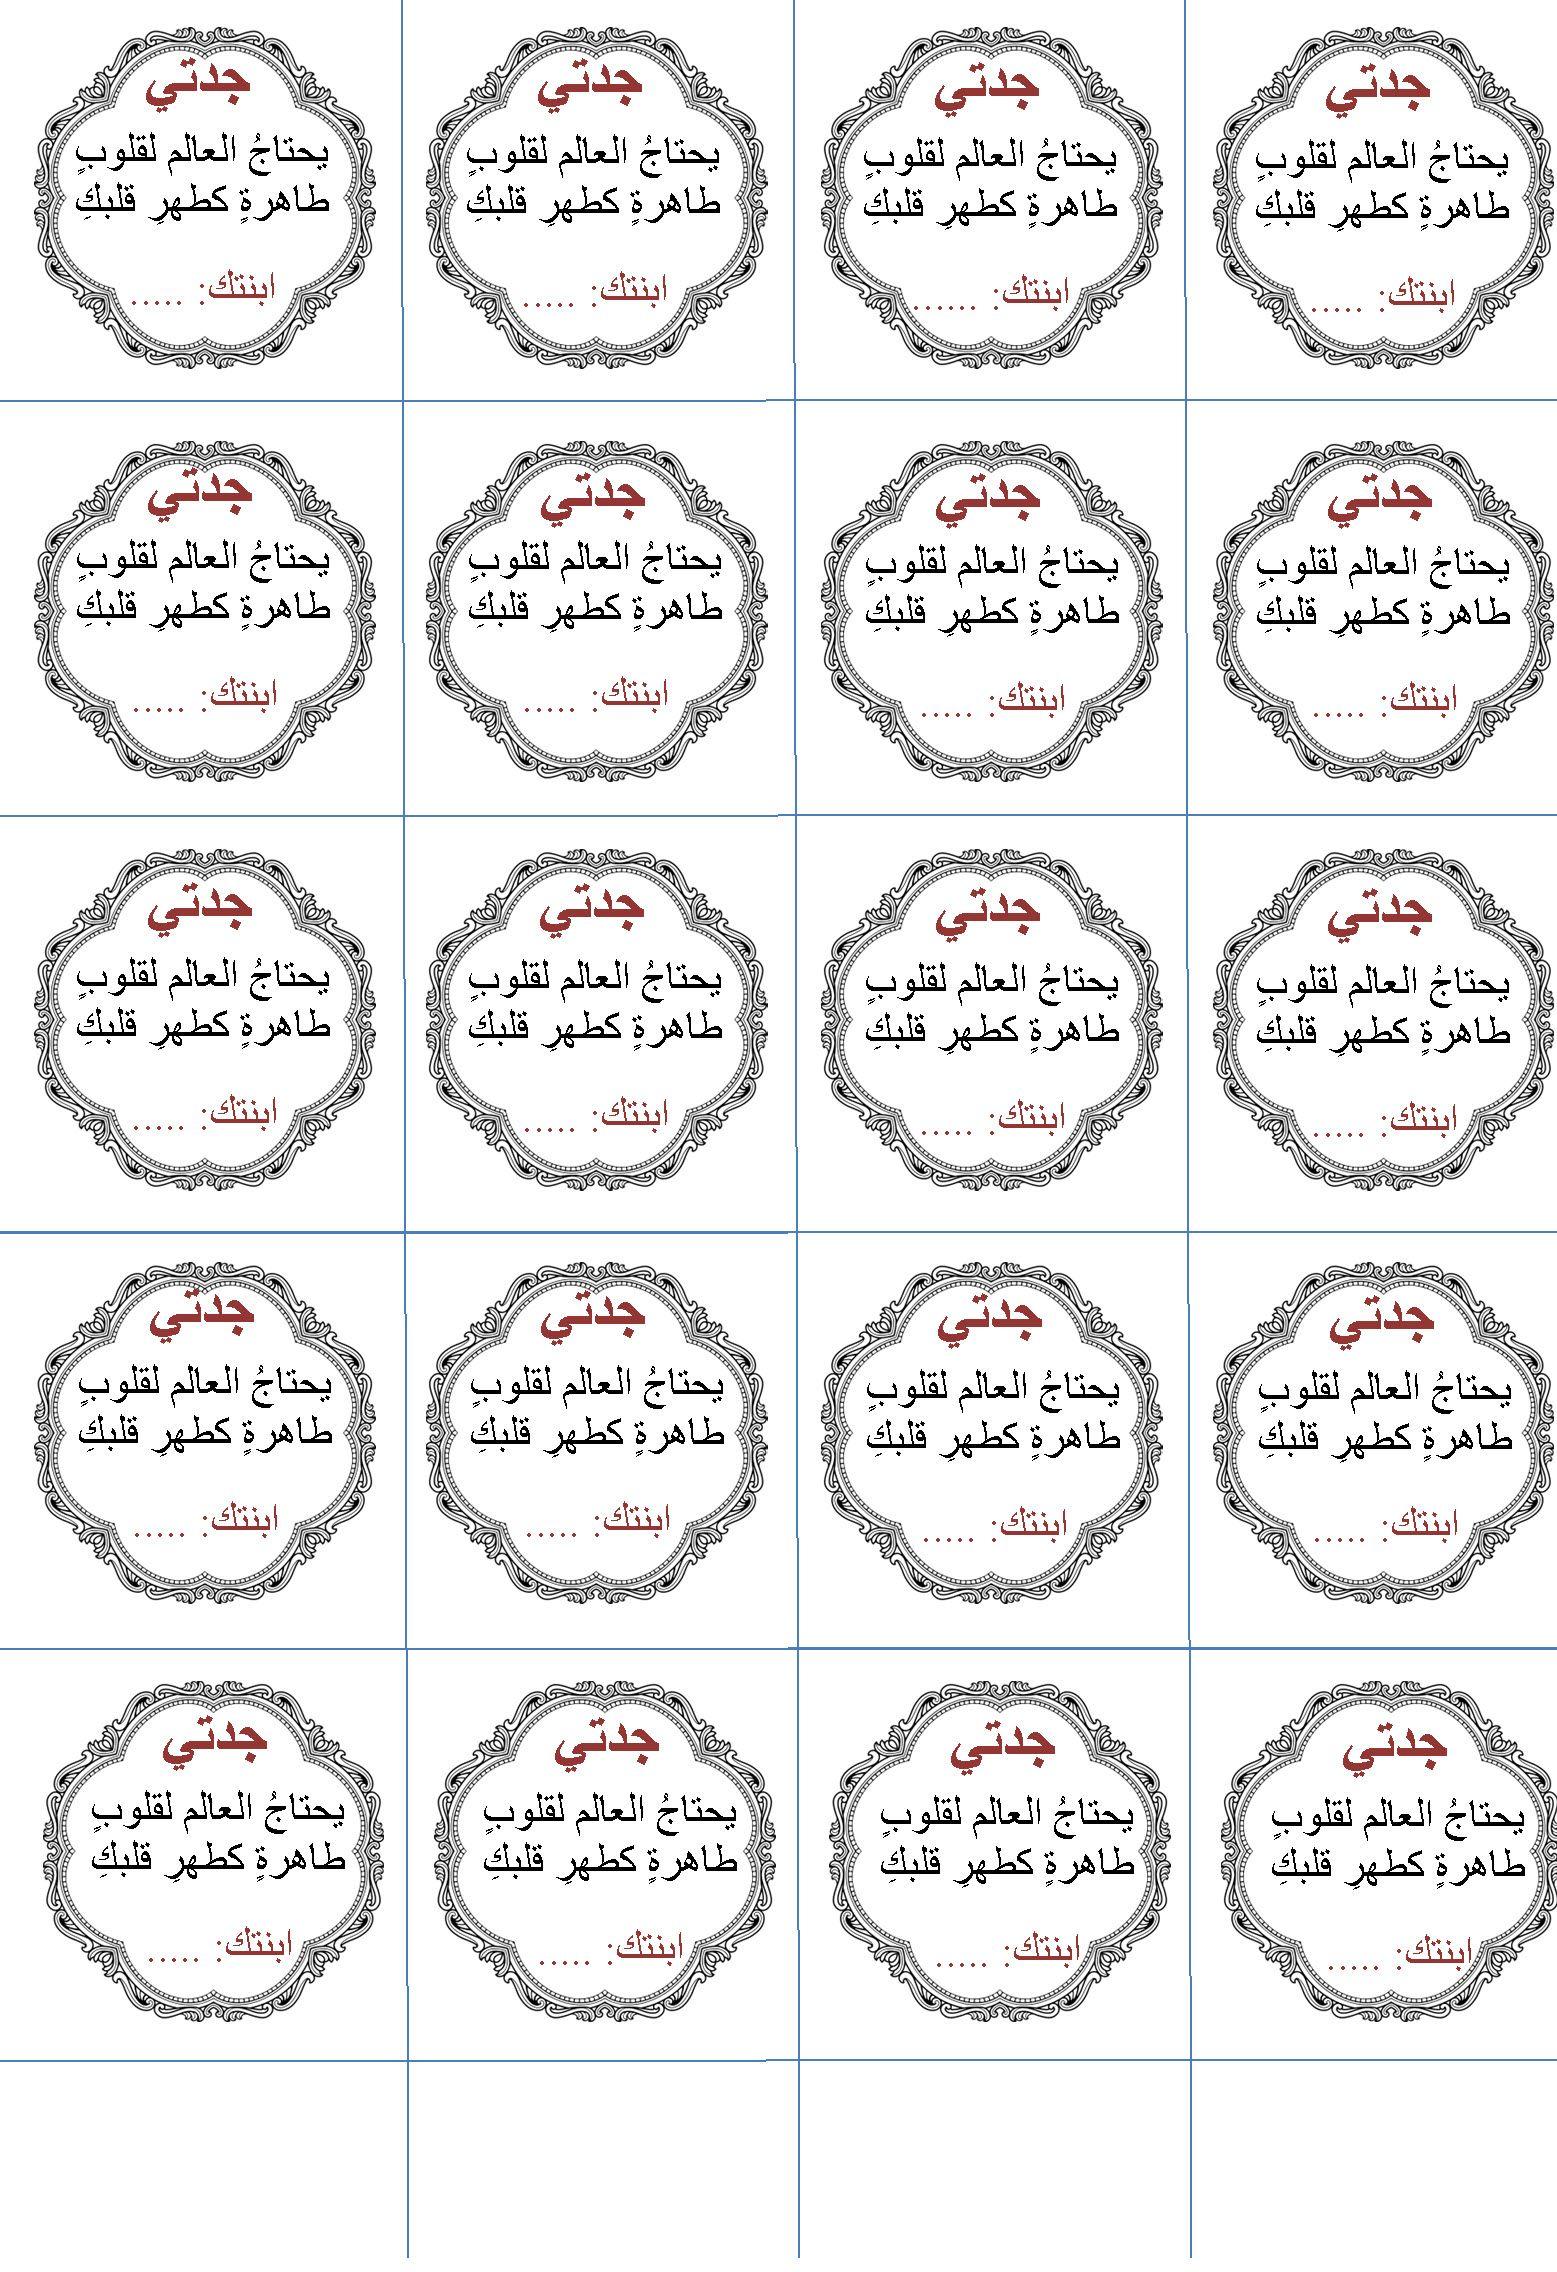 ملصقات فيها عبارة عن الجدة جدتي يحتاج العالم لقلوب طاهرة كطهر قلبك Arabic Handwriting Handwriting